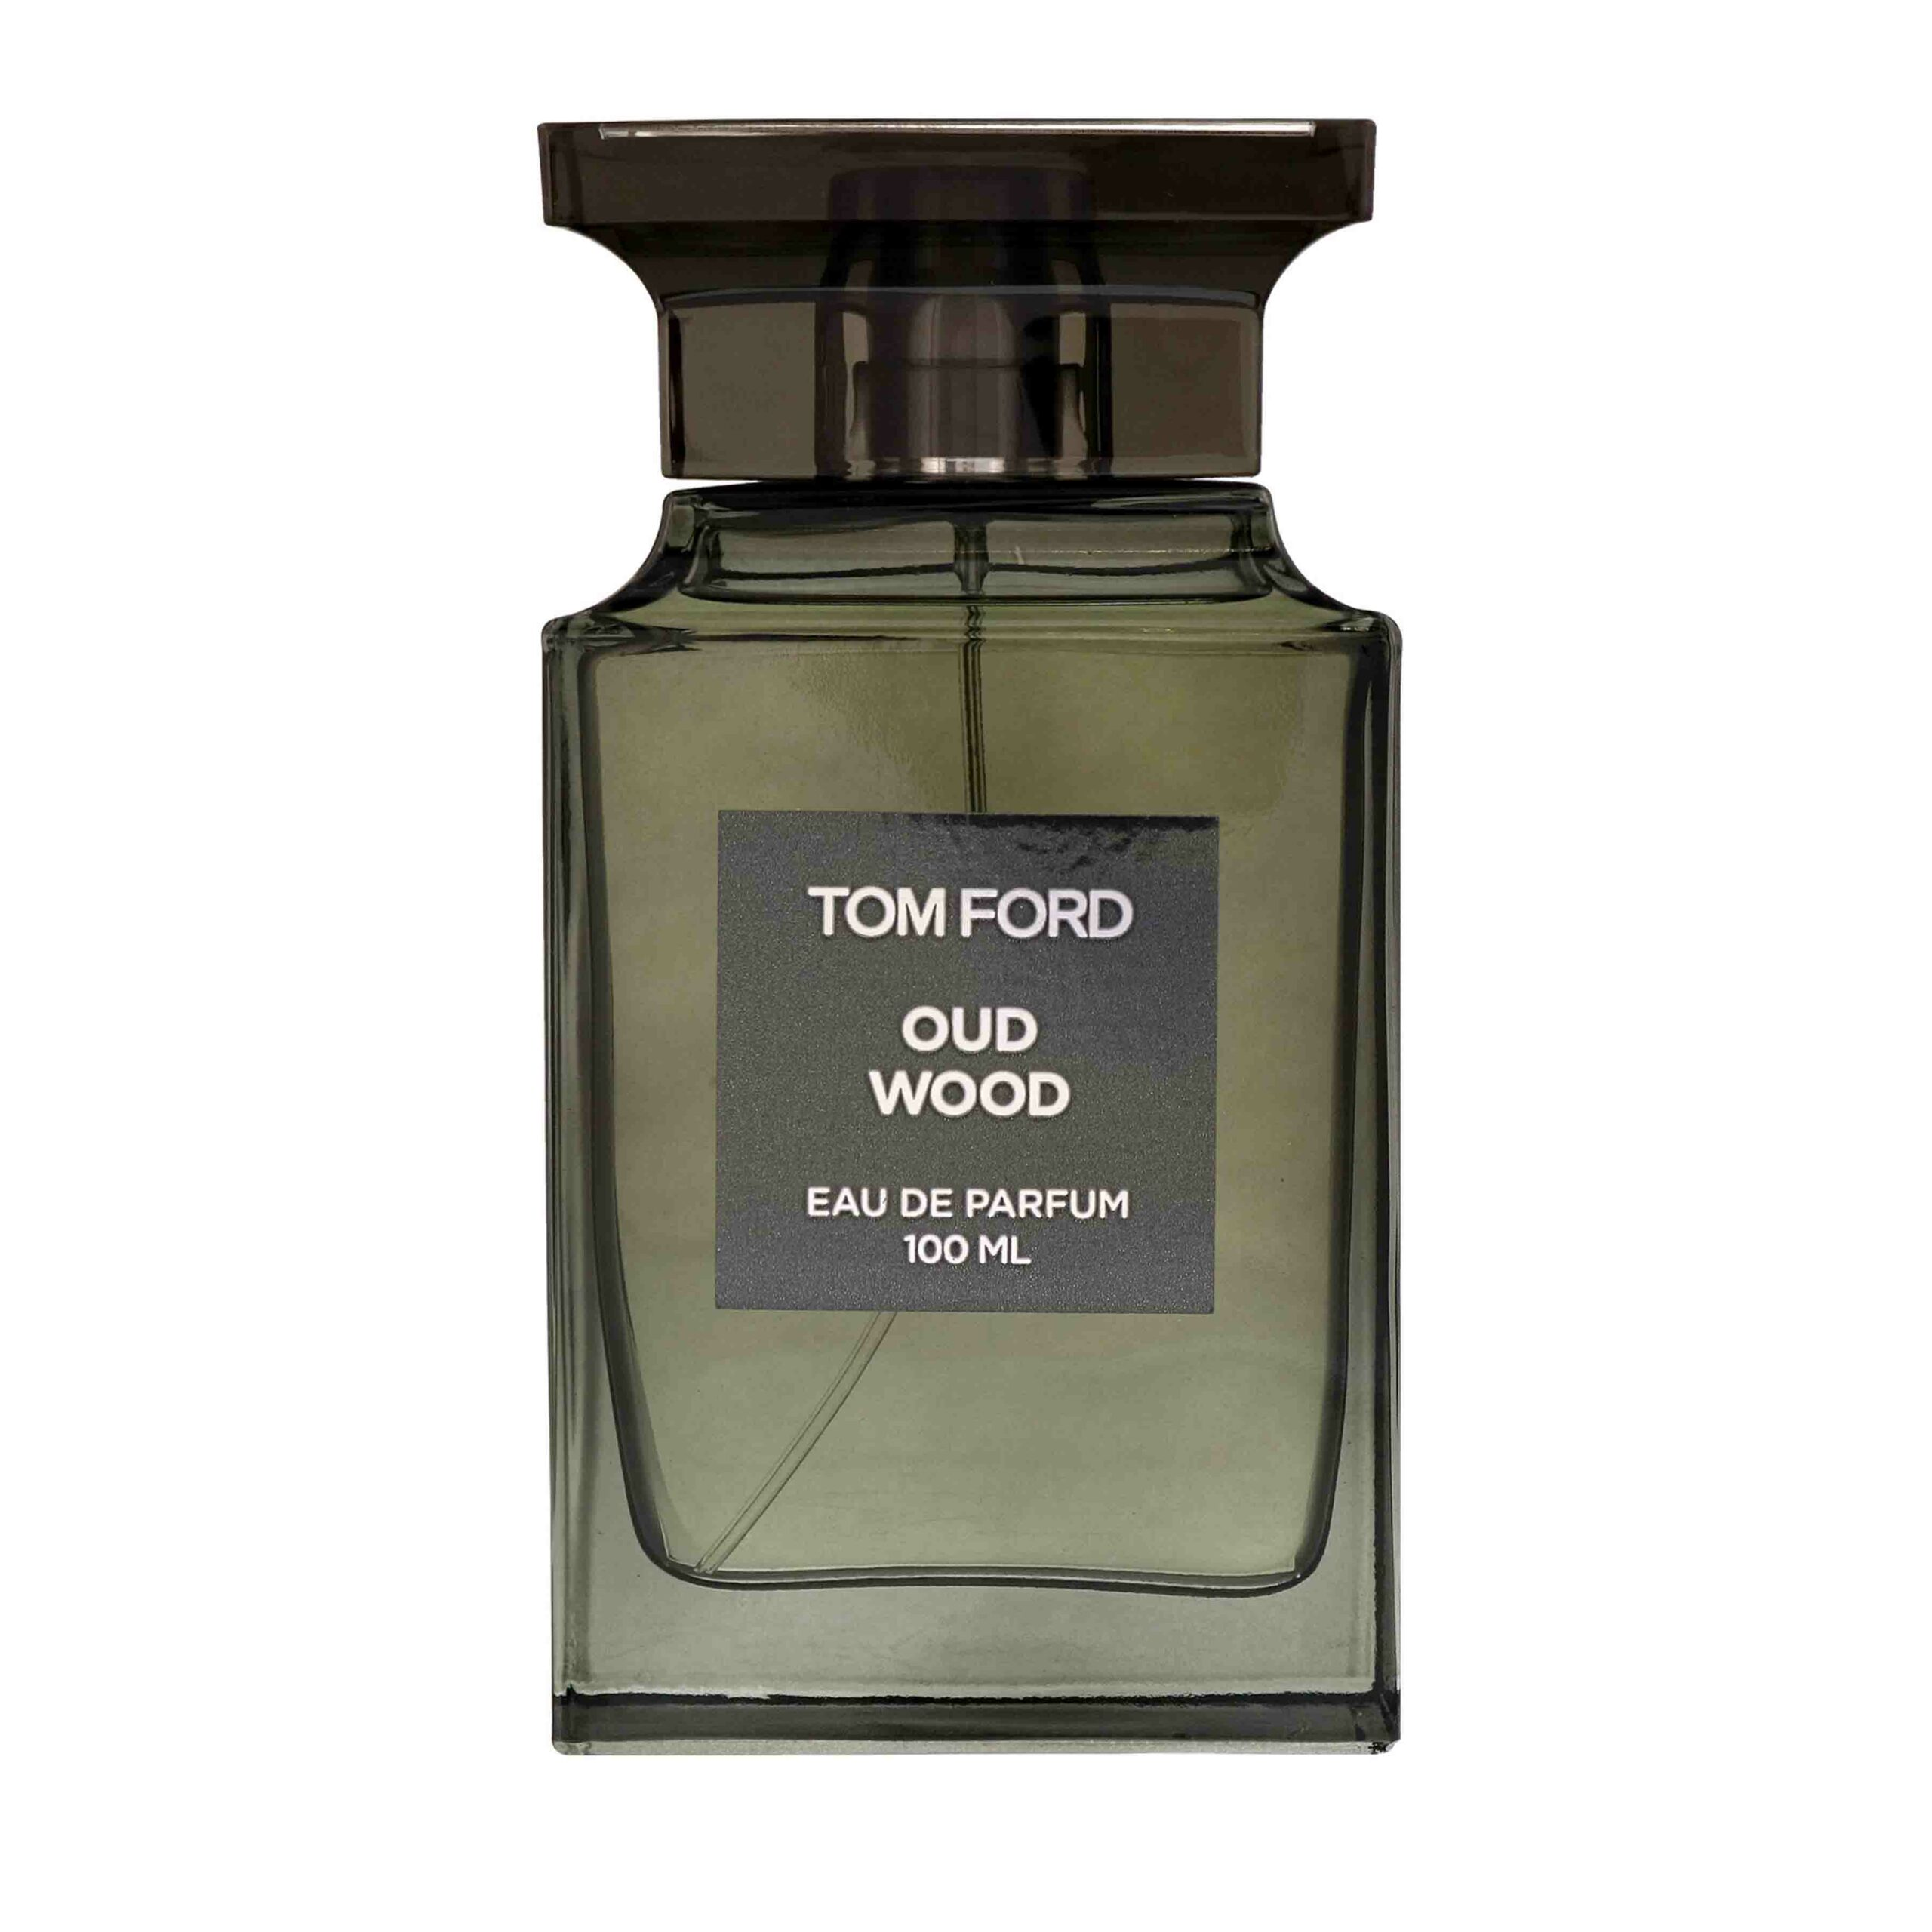 Die besten Parfums für Männer 2021: Tom Ford - Oud Wood